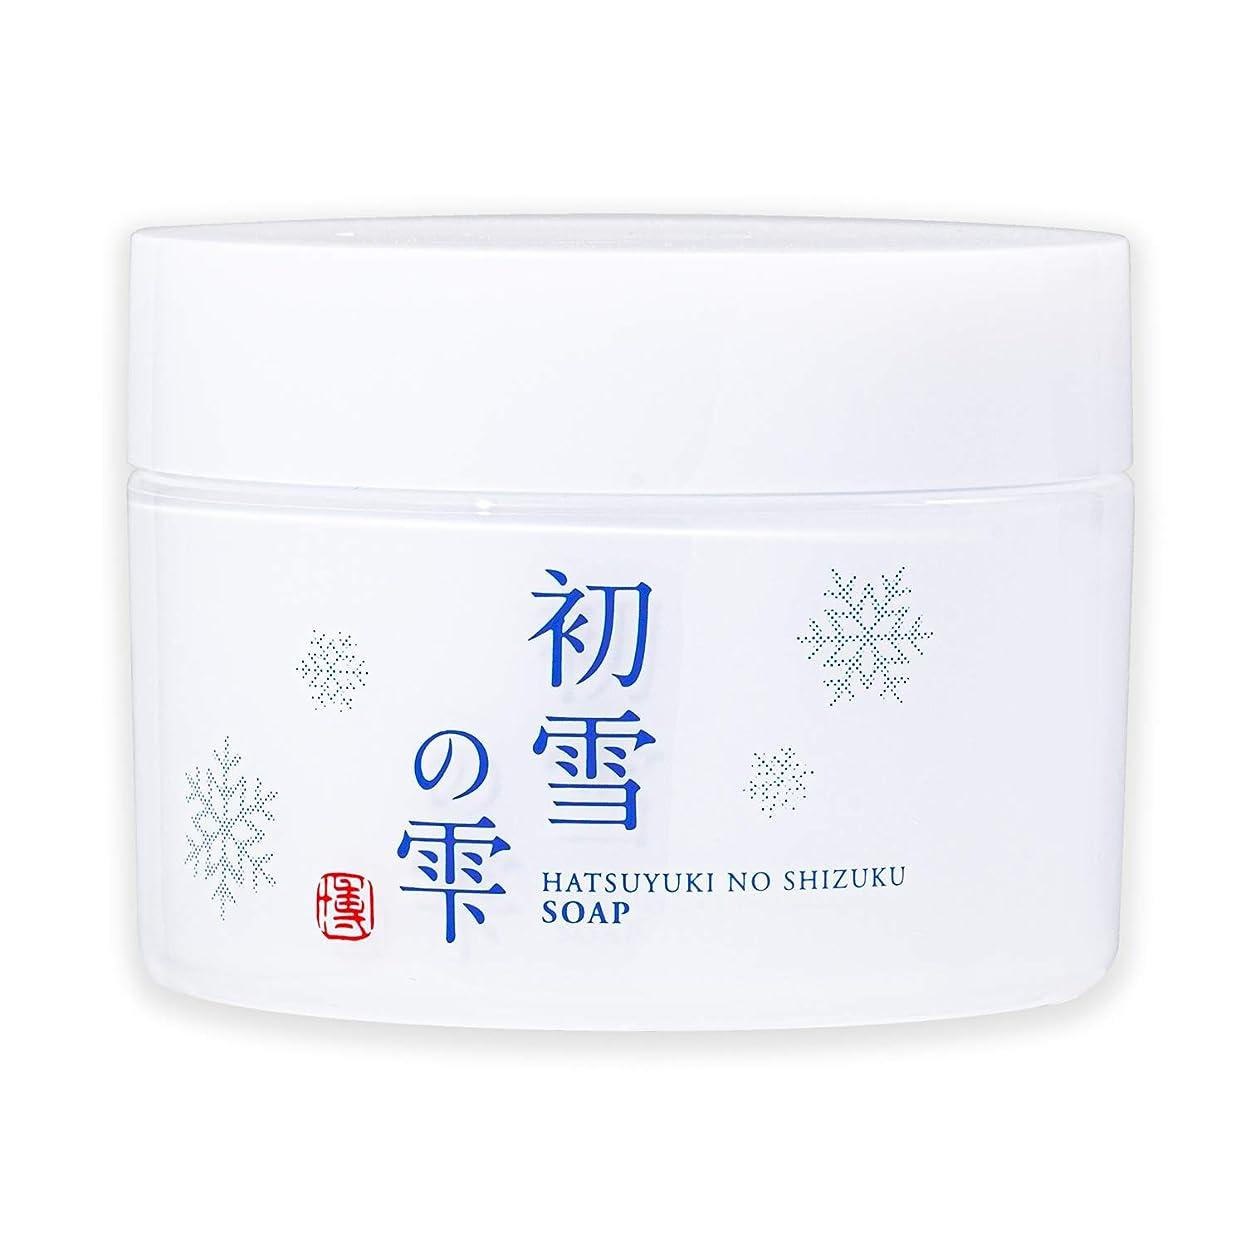 摩擦反発ソファー初雪の雫 泡 洗顔 練り せっけん ジャータイプ 105g 約1~1.5ヶ月分 [プラセンタ ヒアルロン酸 セラミド ビタミンC ]